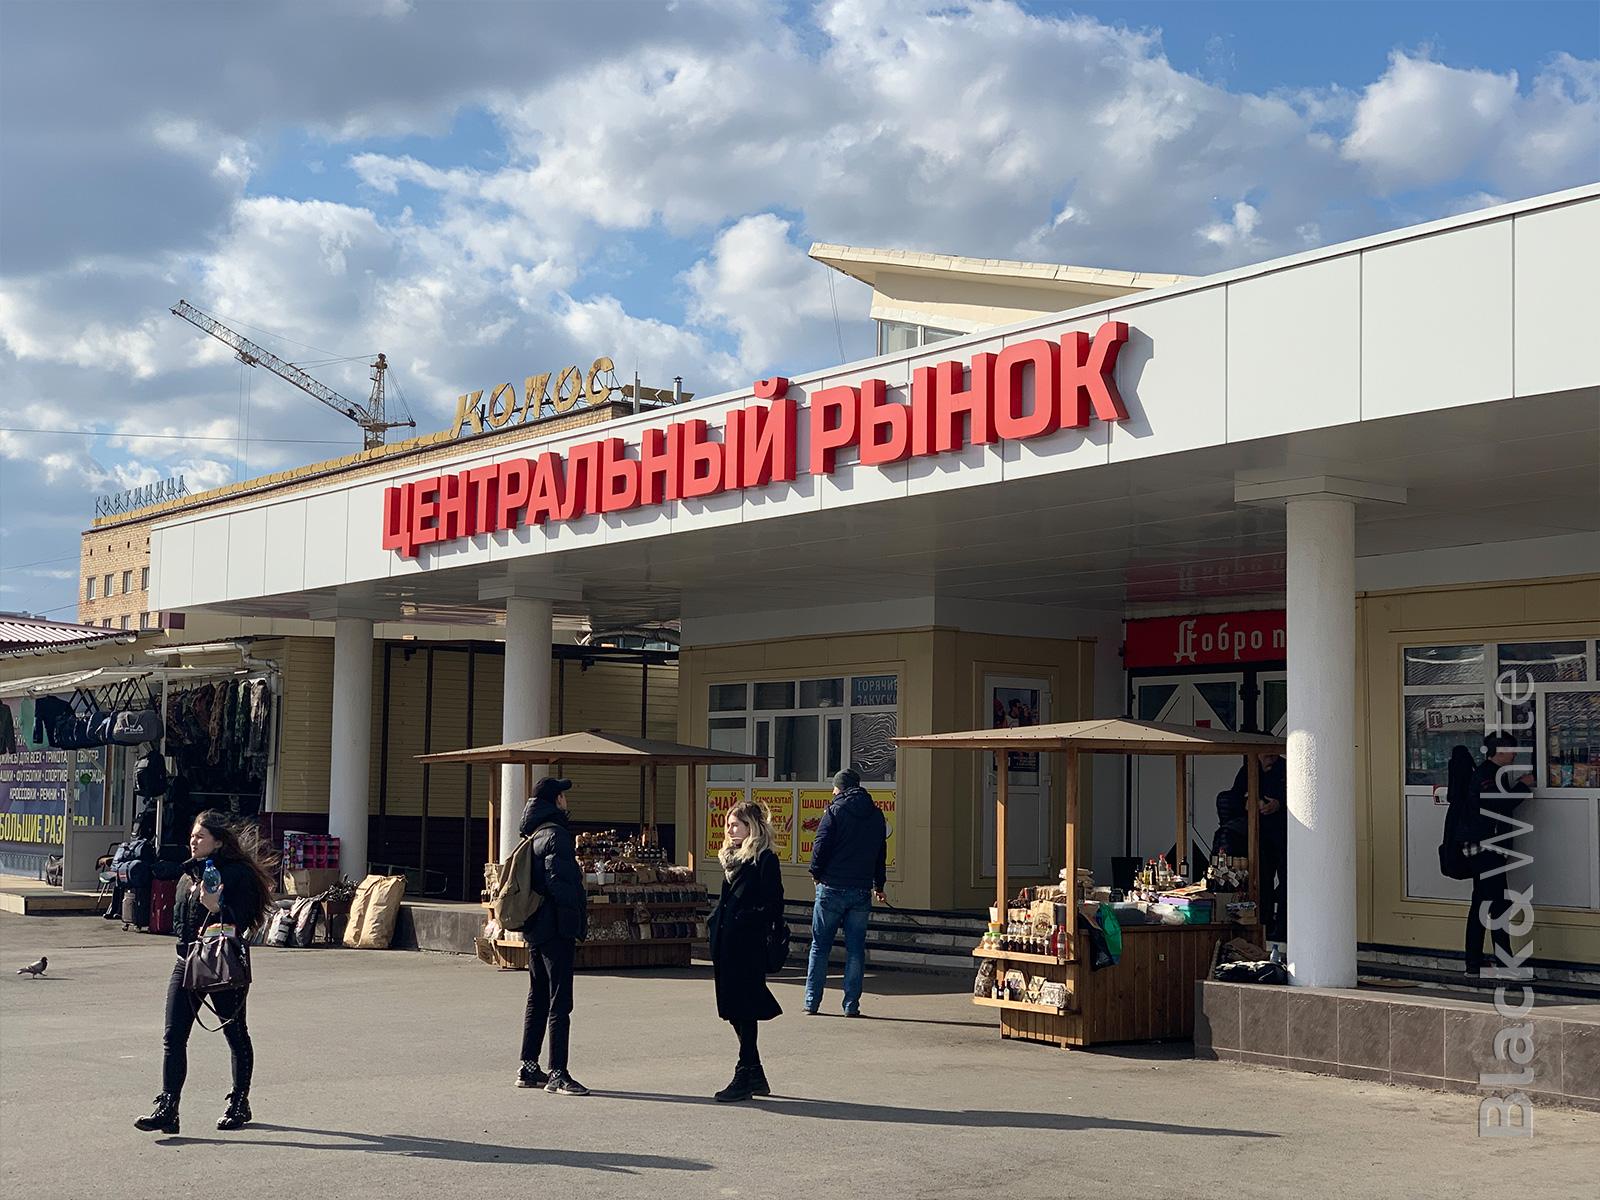 Световая-вывеска-для-центрального-рынка-в-Красноярске.jpg